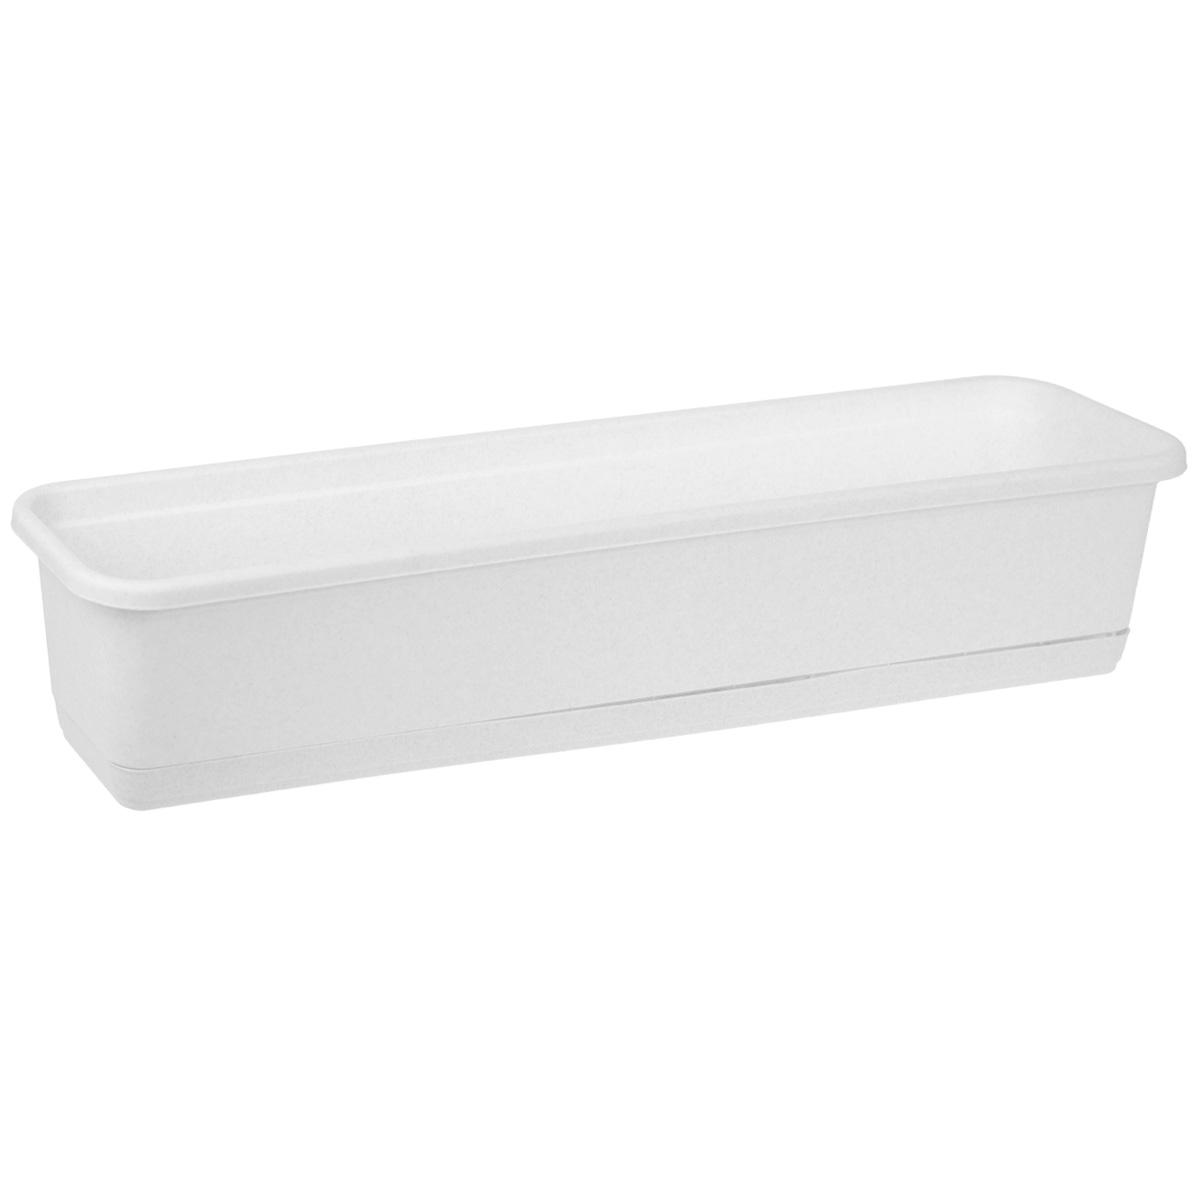 Балконный ящик Idea, с поддоном, цвет: мраморный, 60 х 18 смМ 3221Балконный ящик Idea изготовлен из прочного полипропилена (пластика). Снабжен поддоном для стока воды. Изделие прекрасно подходит для выращивания рассады, растений и цветов в домашних условиях.